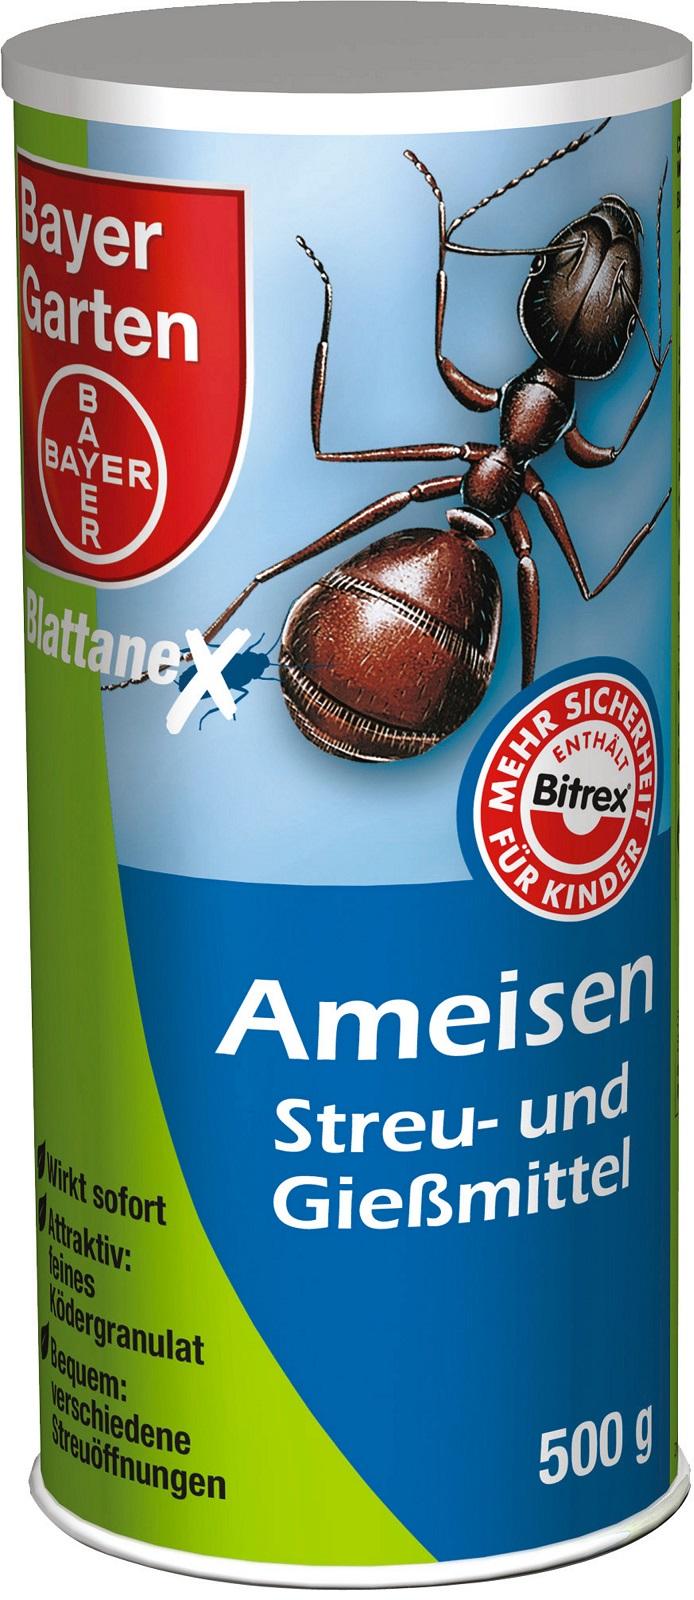 Bayer Ameisen Streu und Gießmittel 500 g Dose